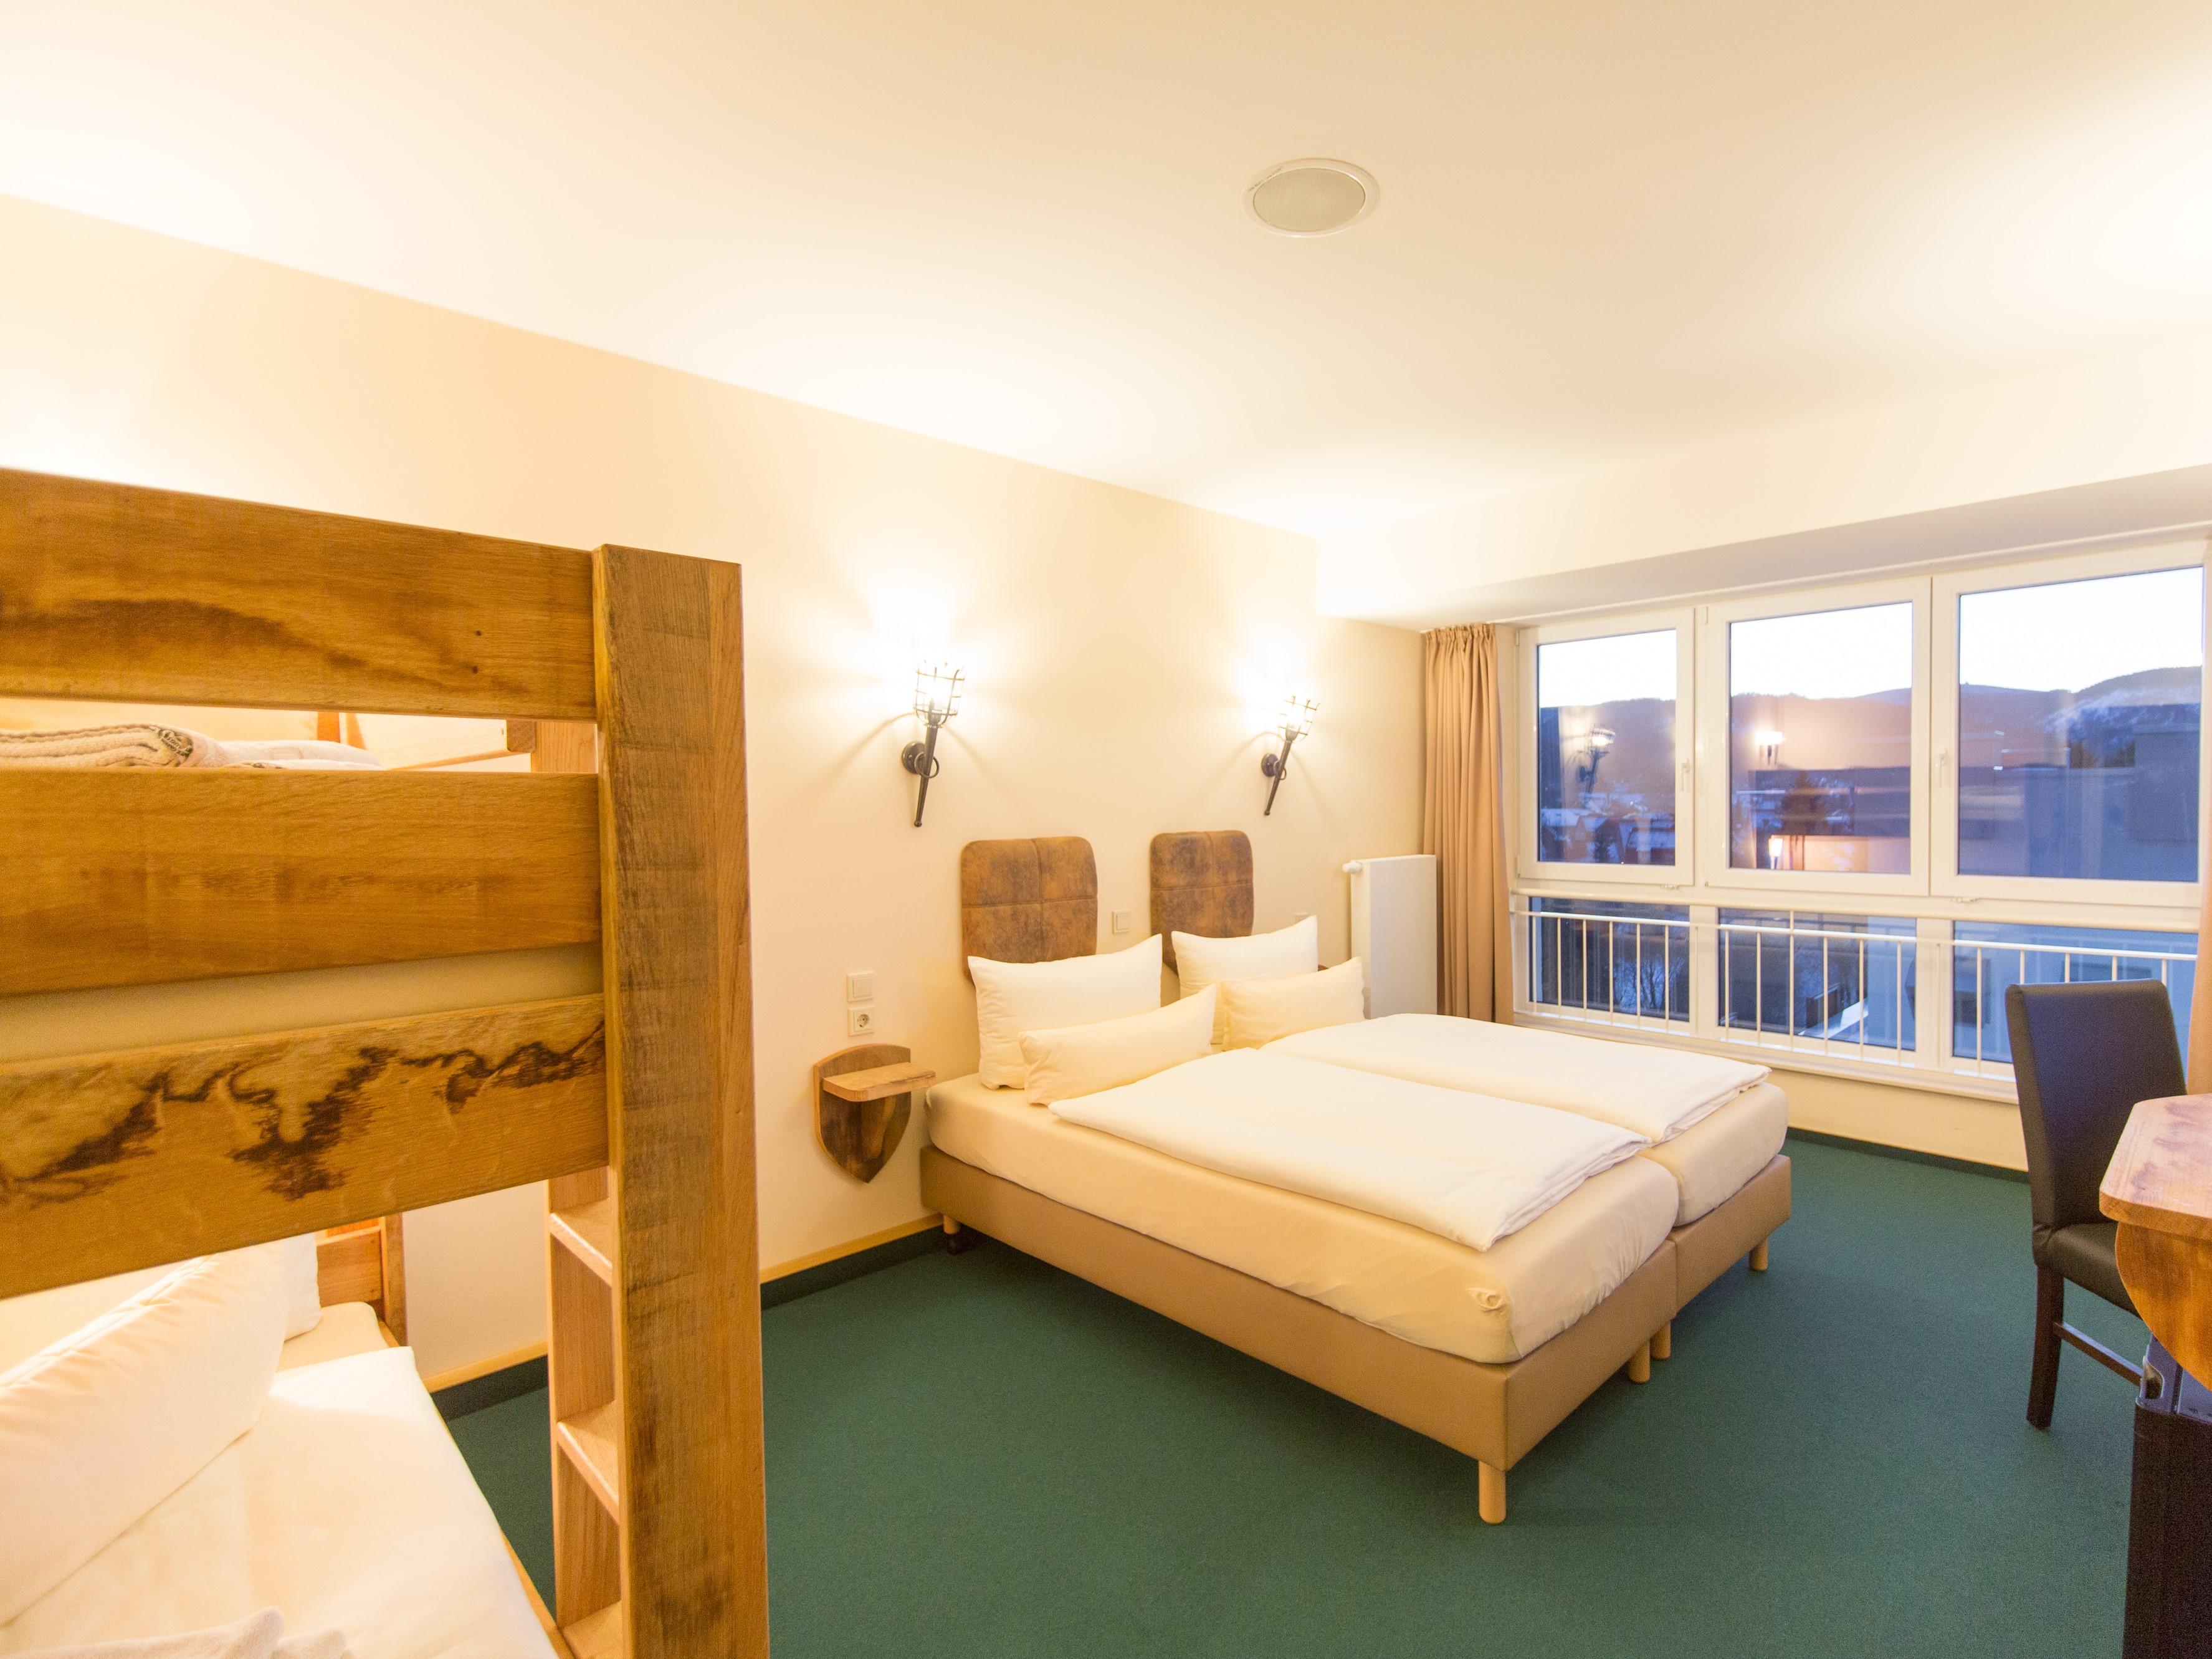 Hasseröder Burghotel in Wernigerode - Familienzimmer